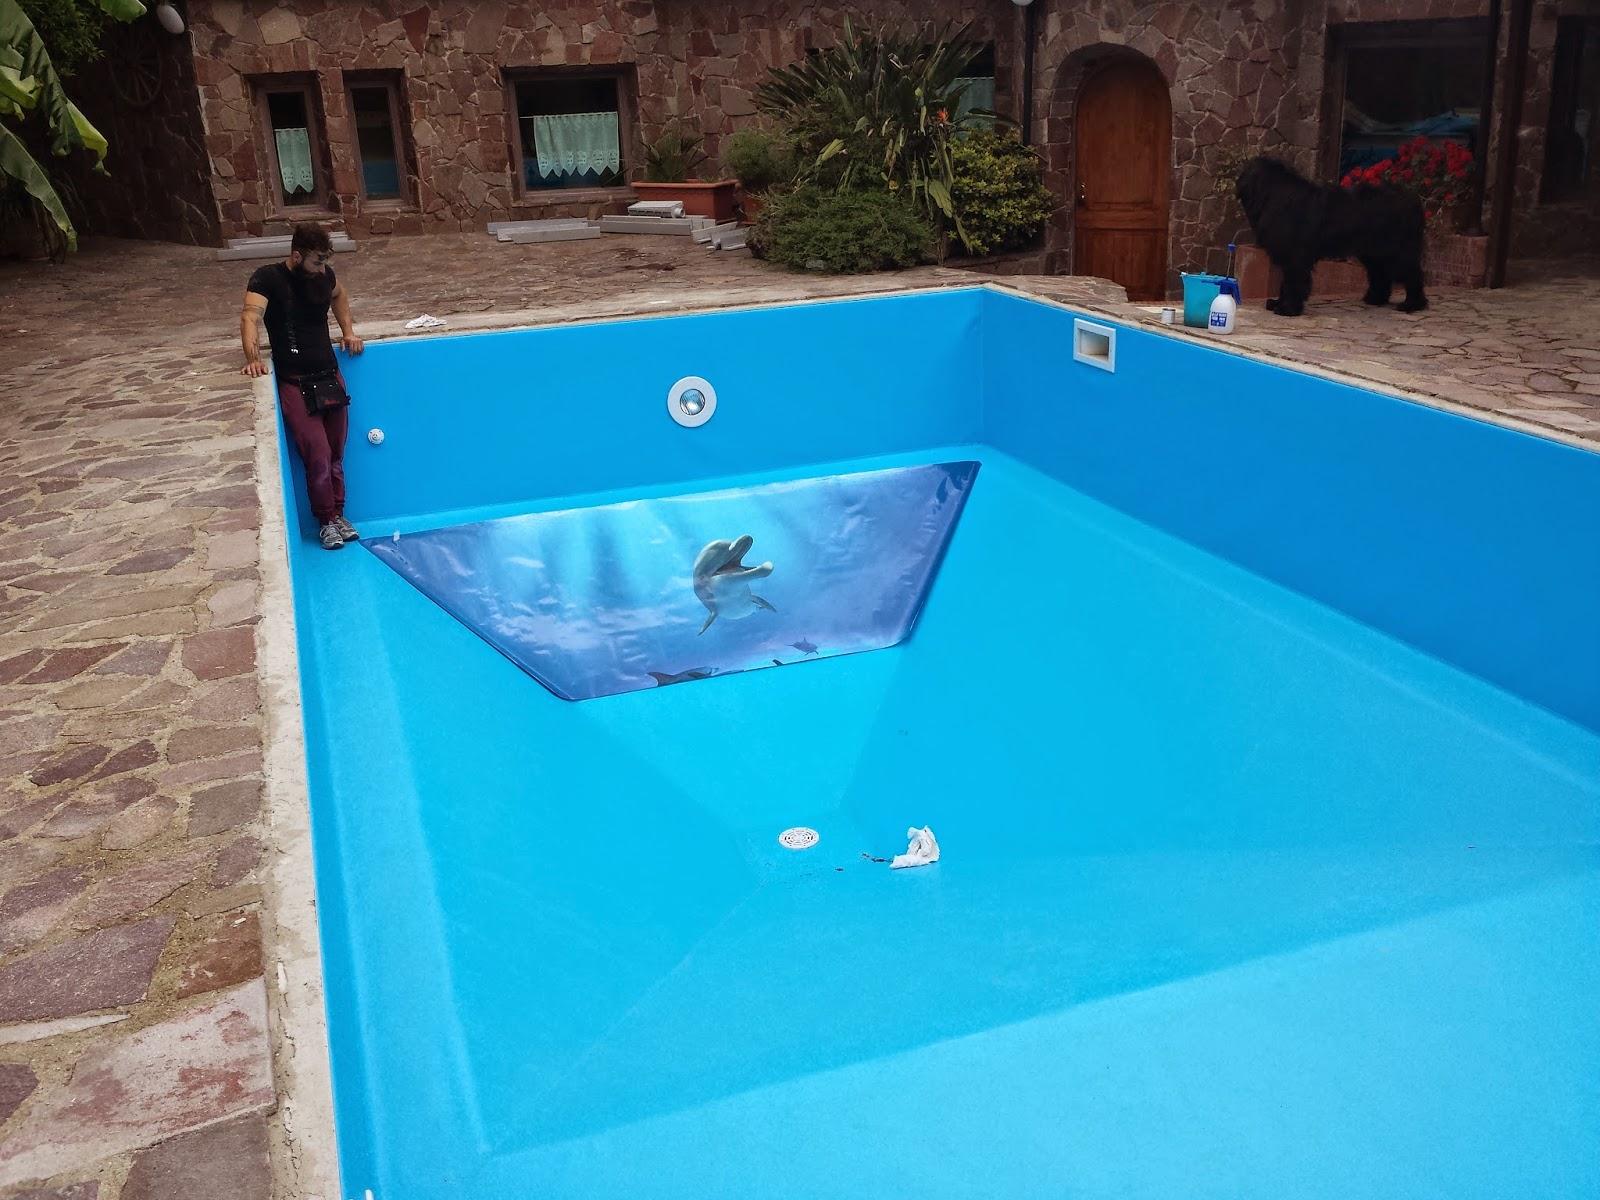 decorazione con adesivi per fondo piscina santorografica